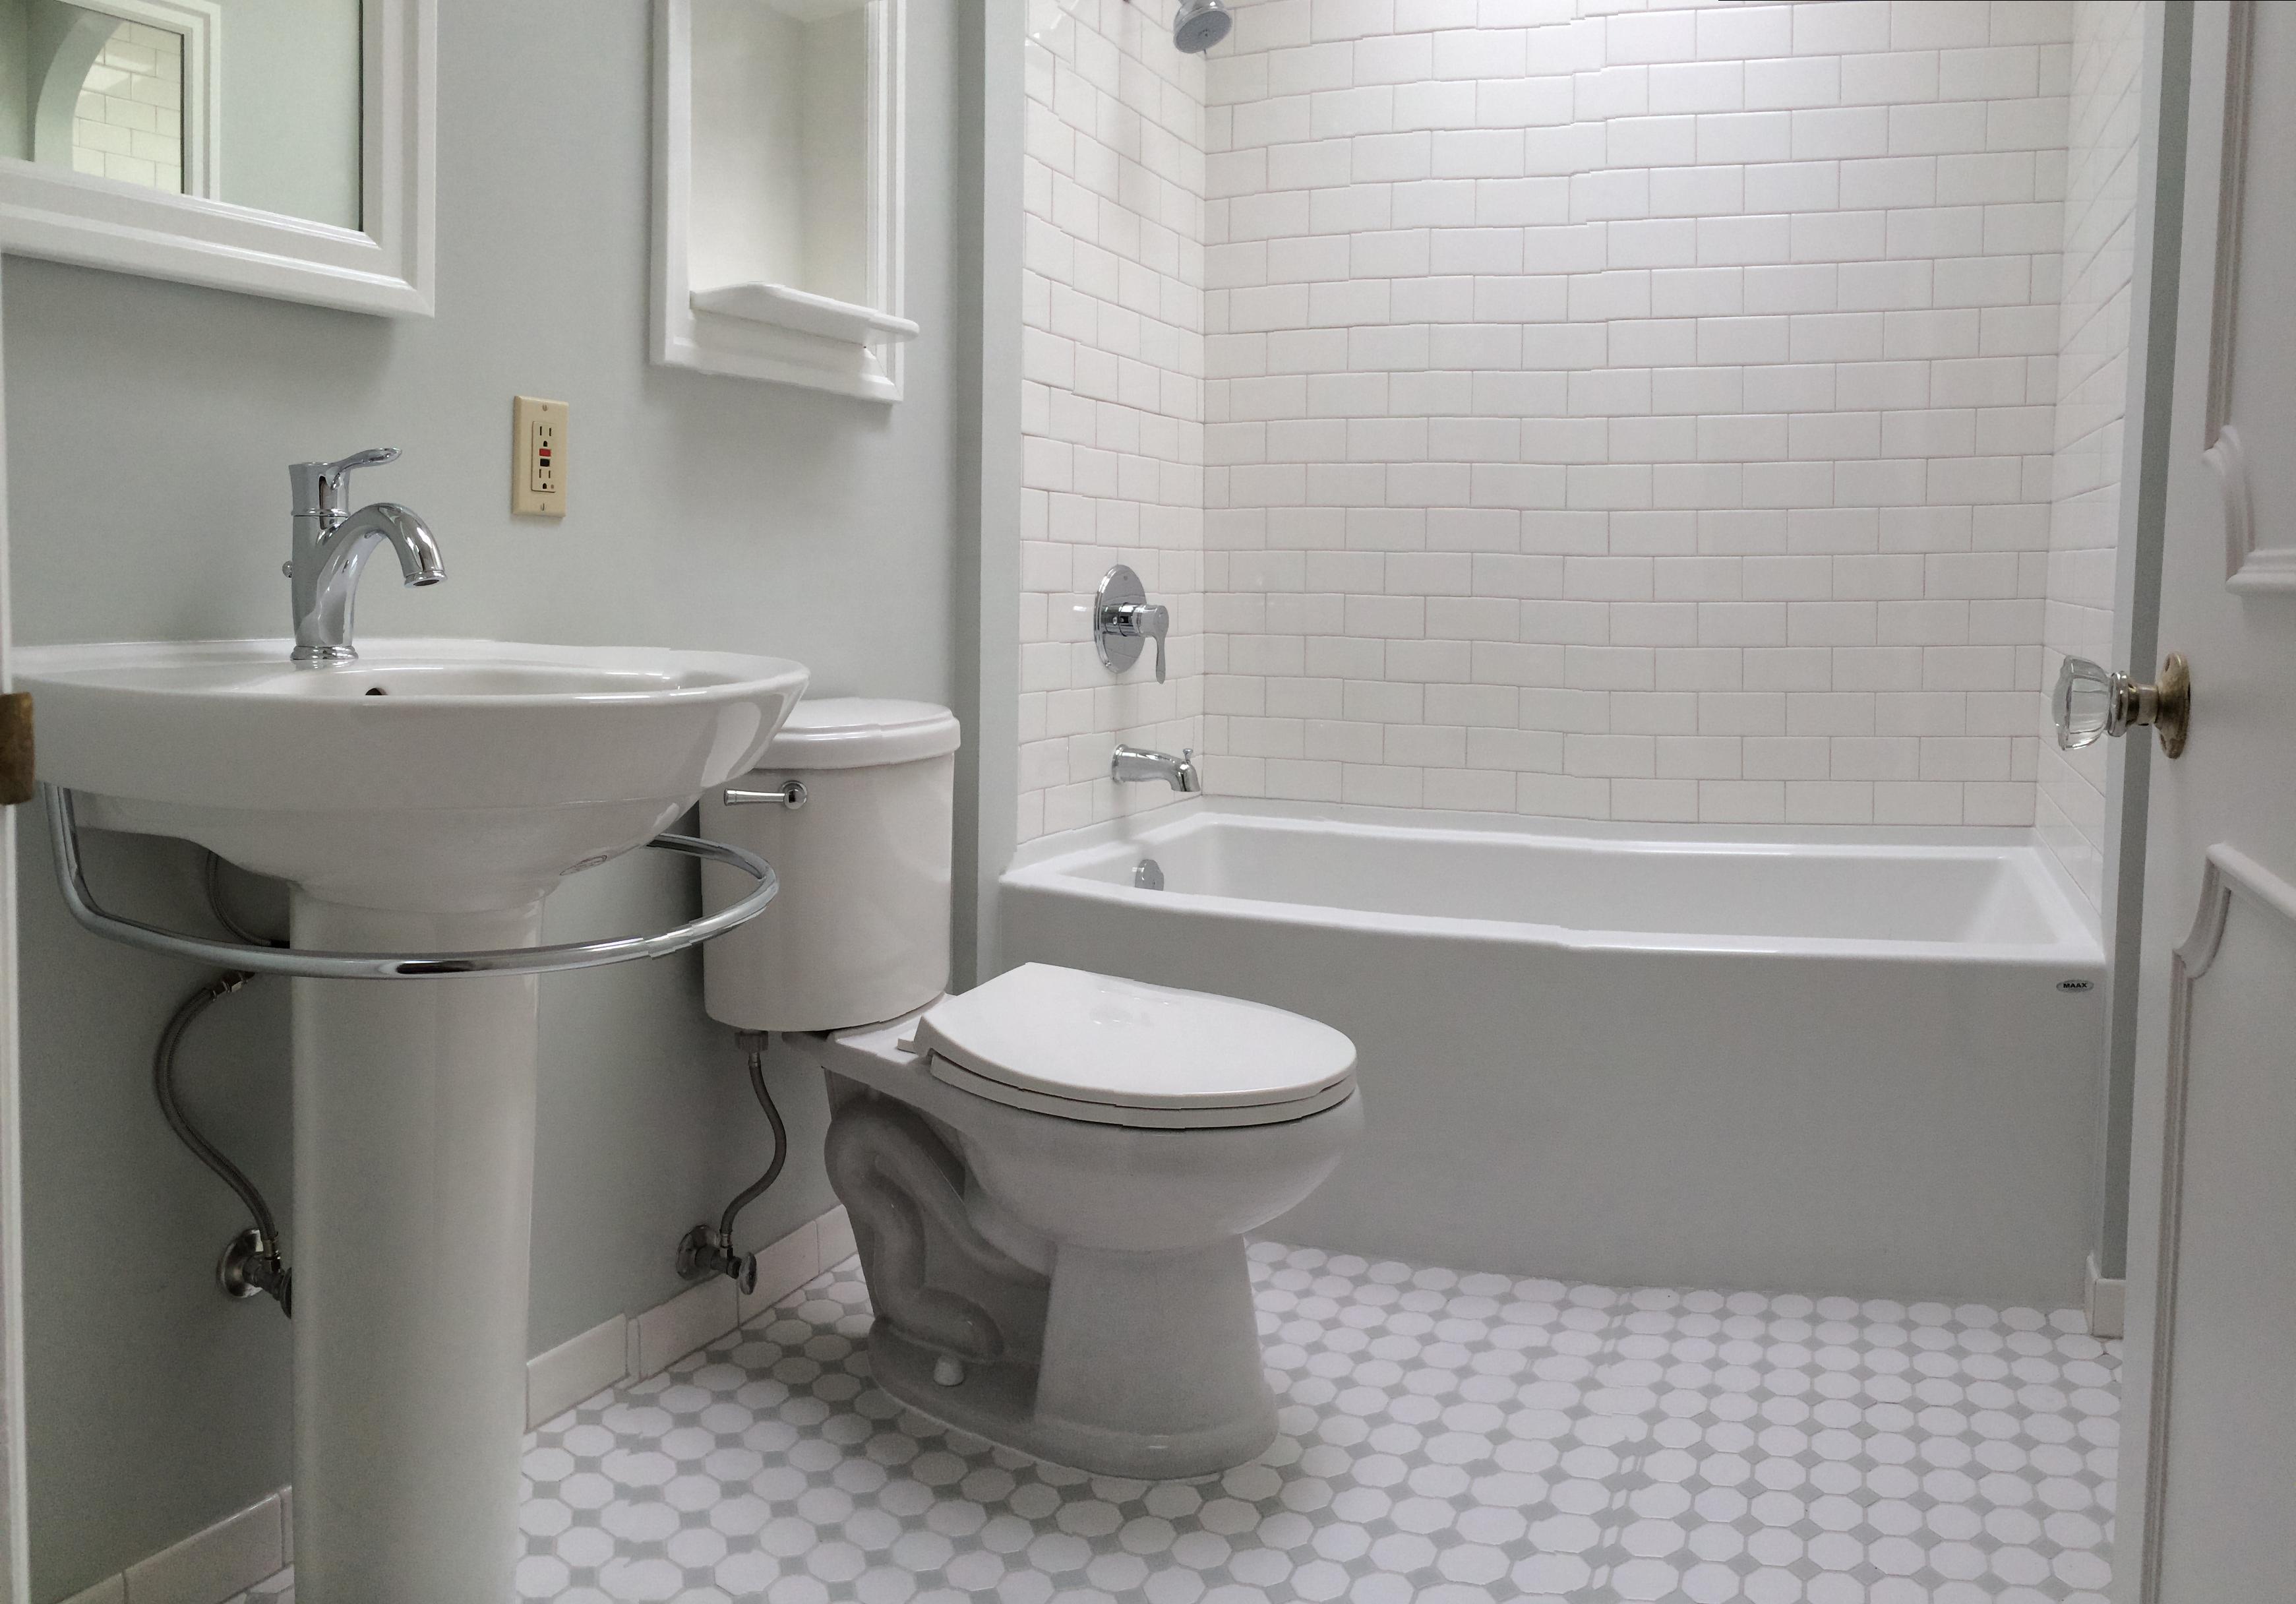 New Plumbing Fixtures For Renovation Callaway Plumbing And Drains - Bathroom fixtures austin